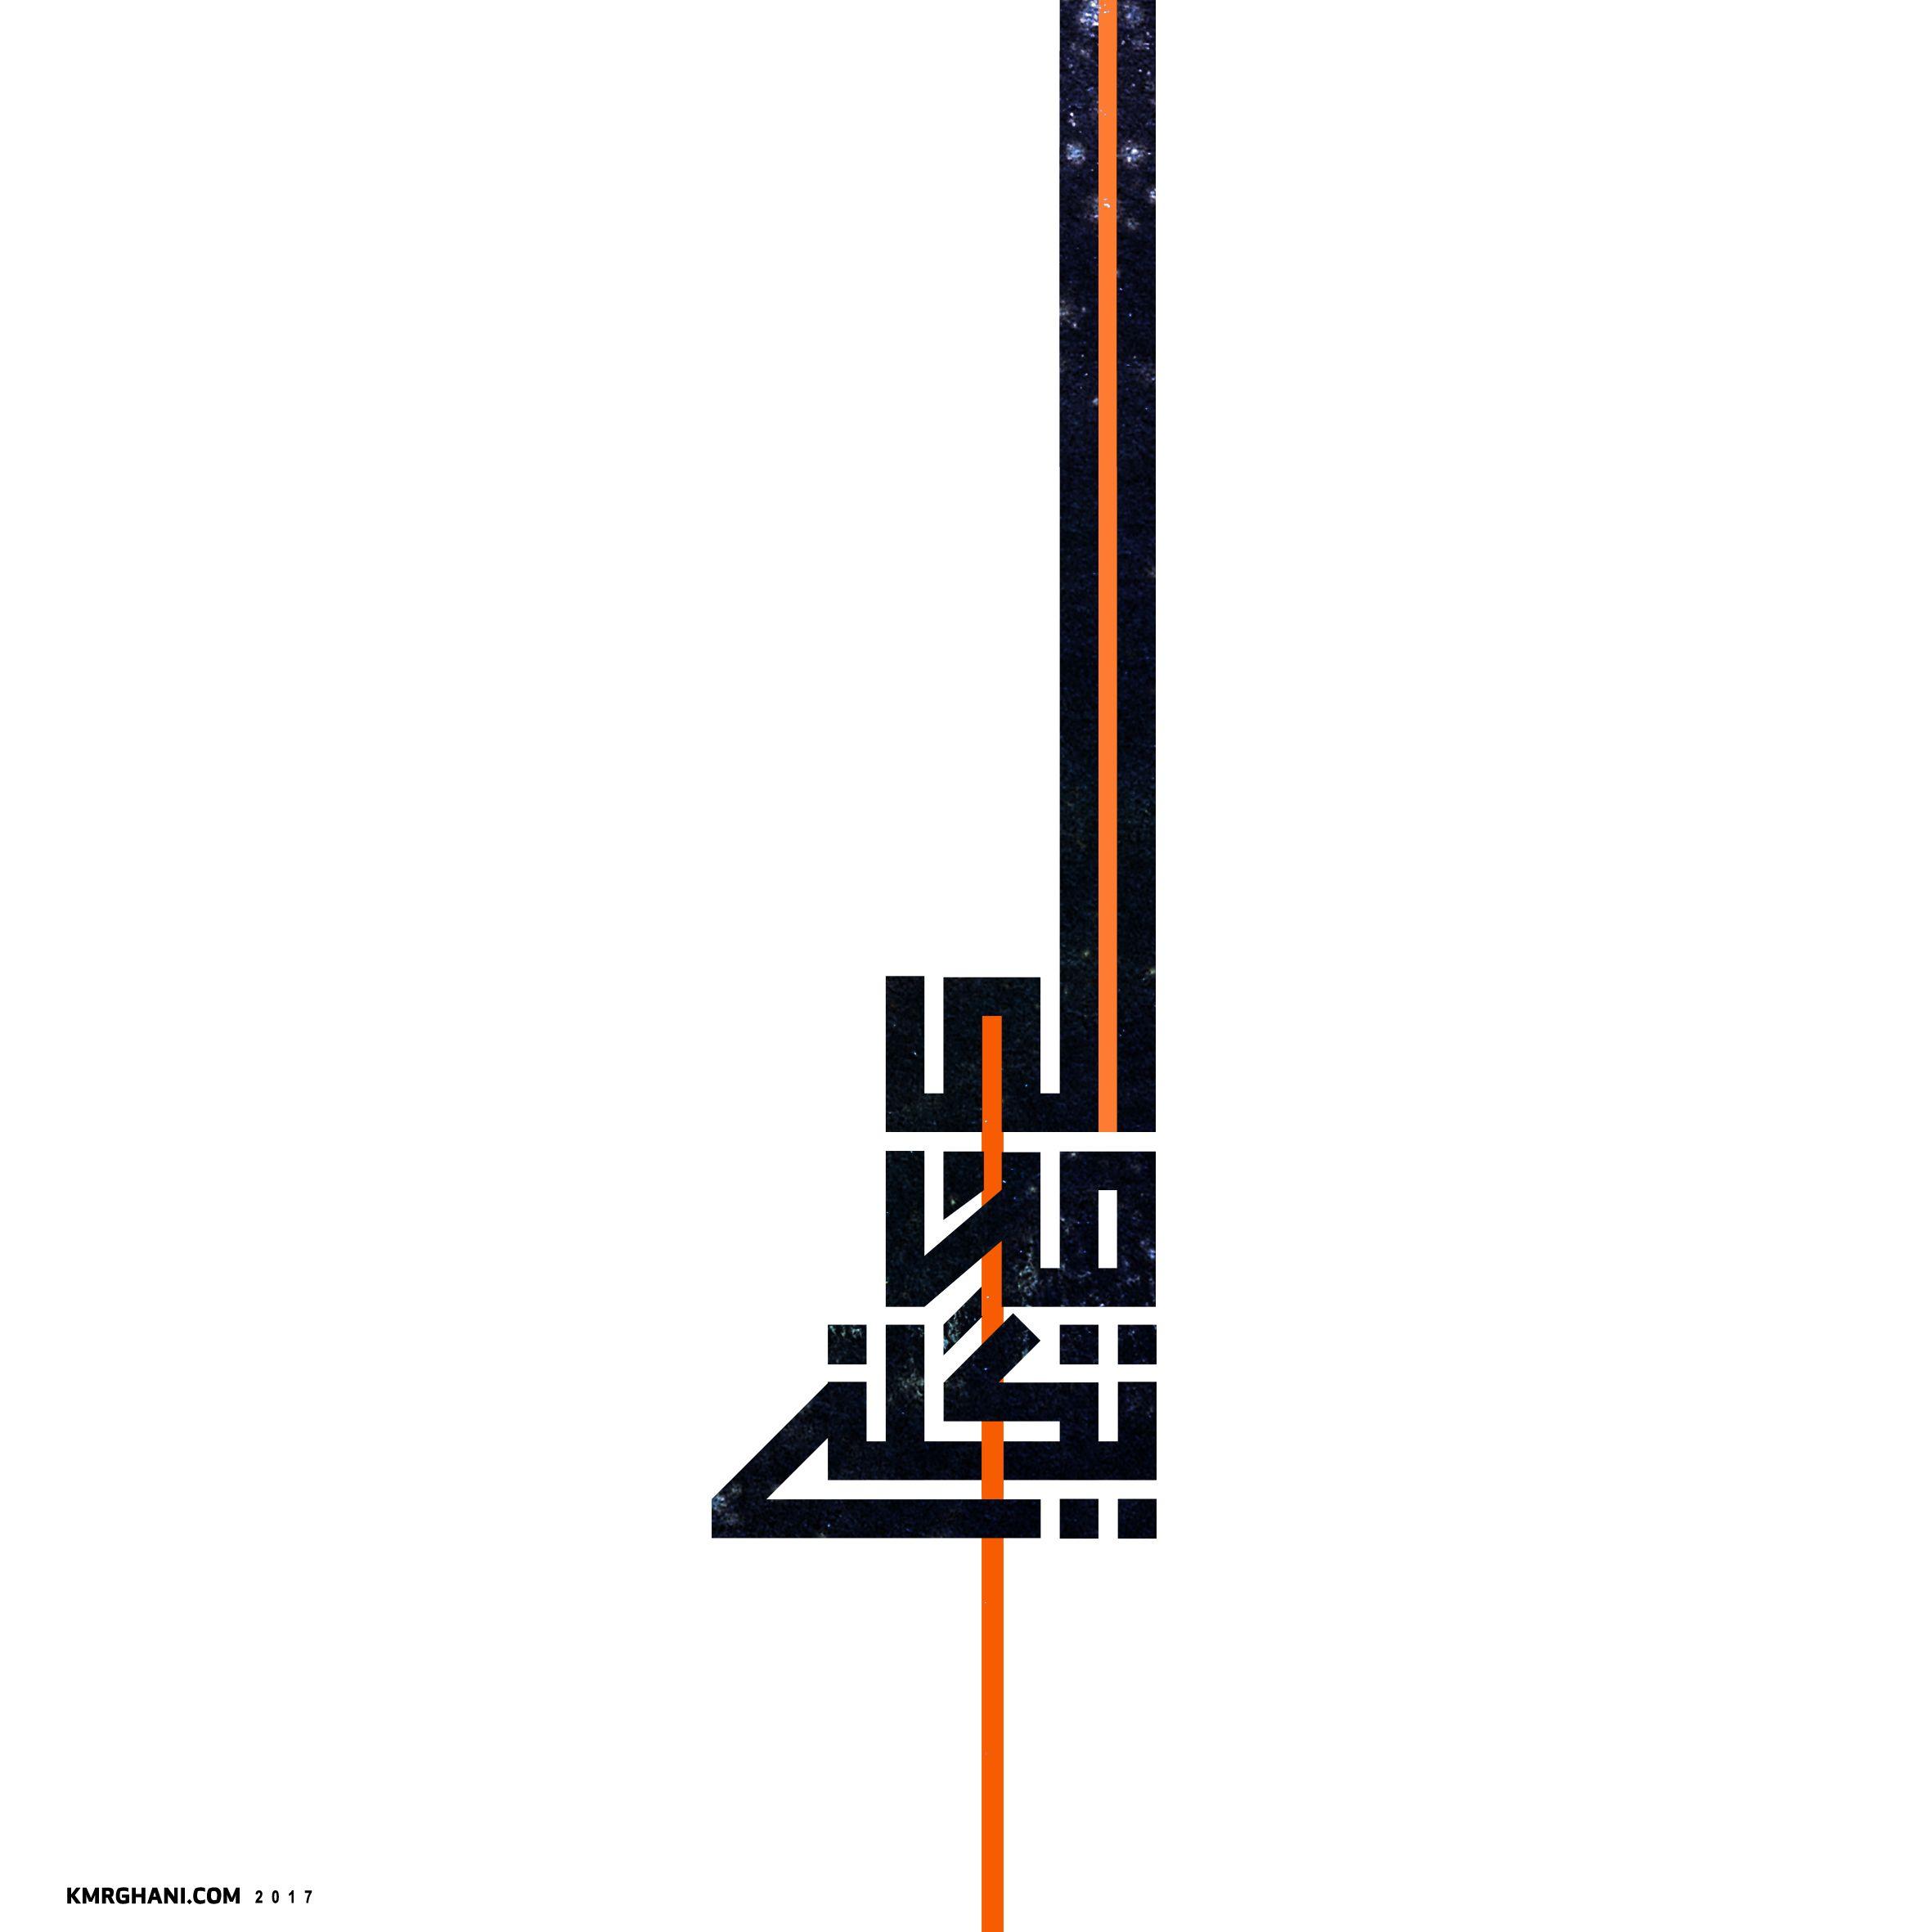 اللهم إليك أشكو ضعف قوتي وقلة حيلتي وهواني على الناس يا أرحم الراحمين أنت رب المستضعفين وأنت Arabic Calligraphy Art Typo Logo Design Calligraphy Art